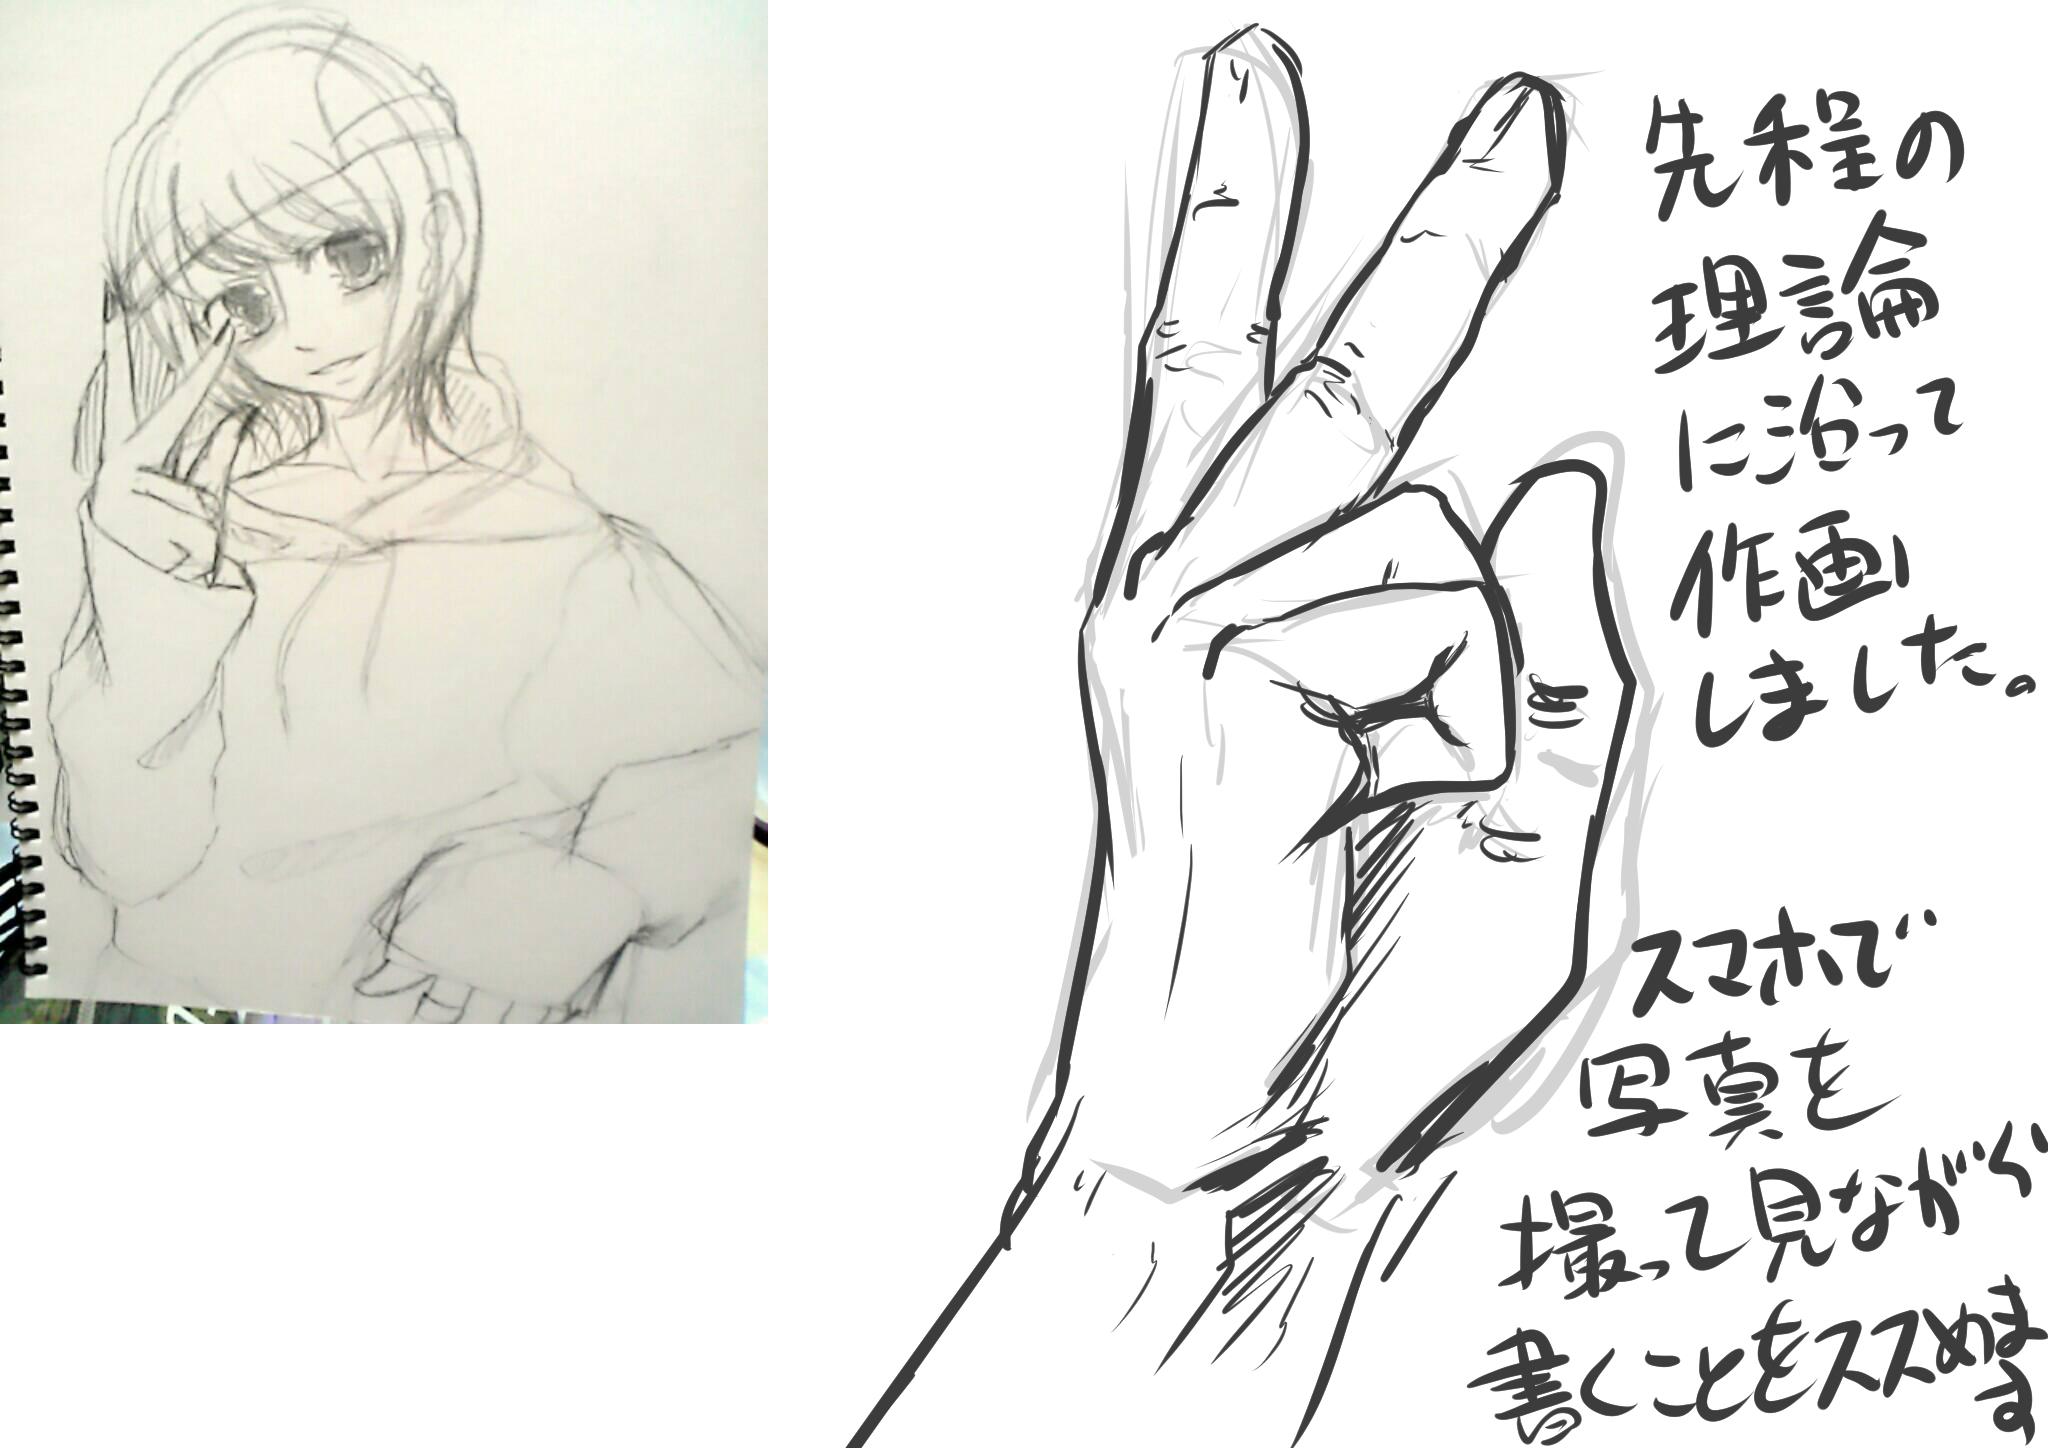 手の書き方を考える9